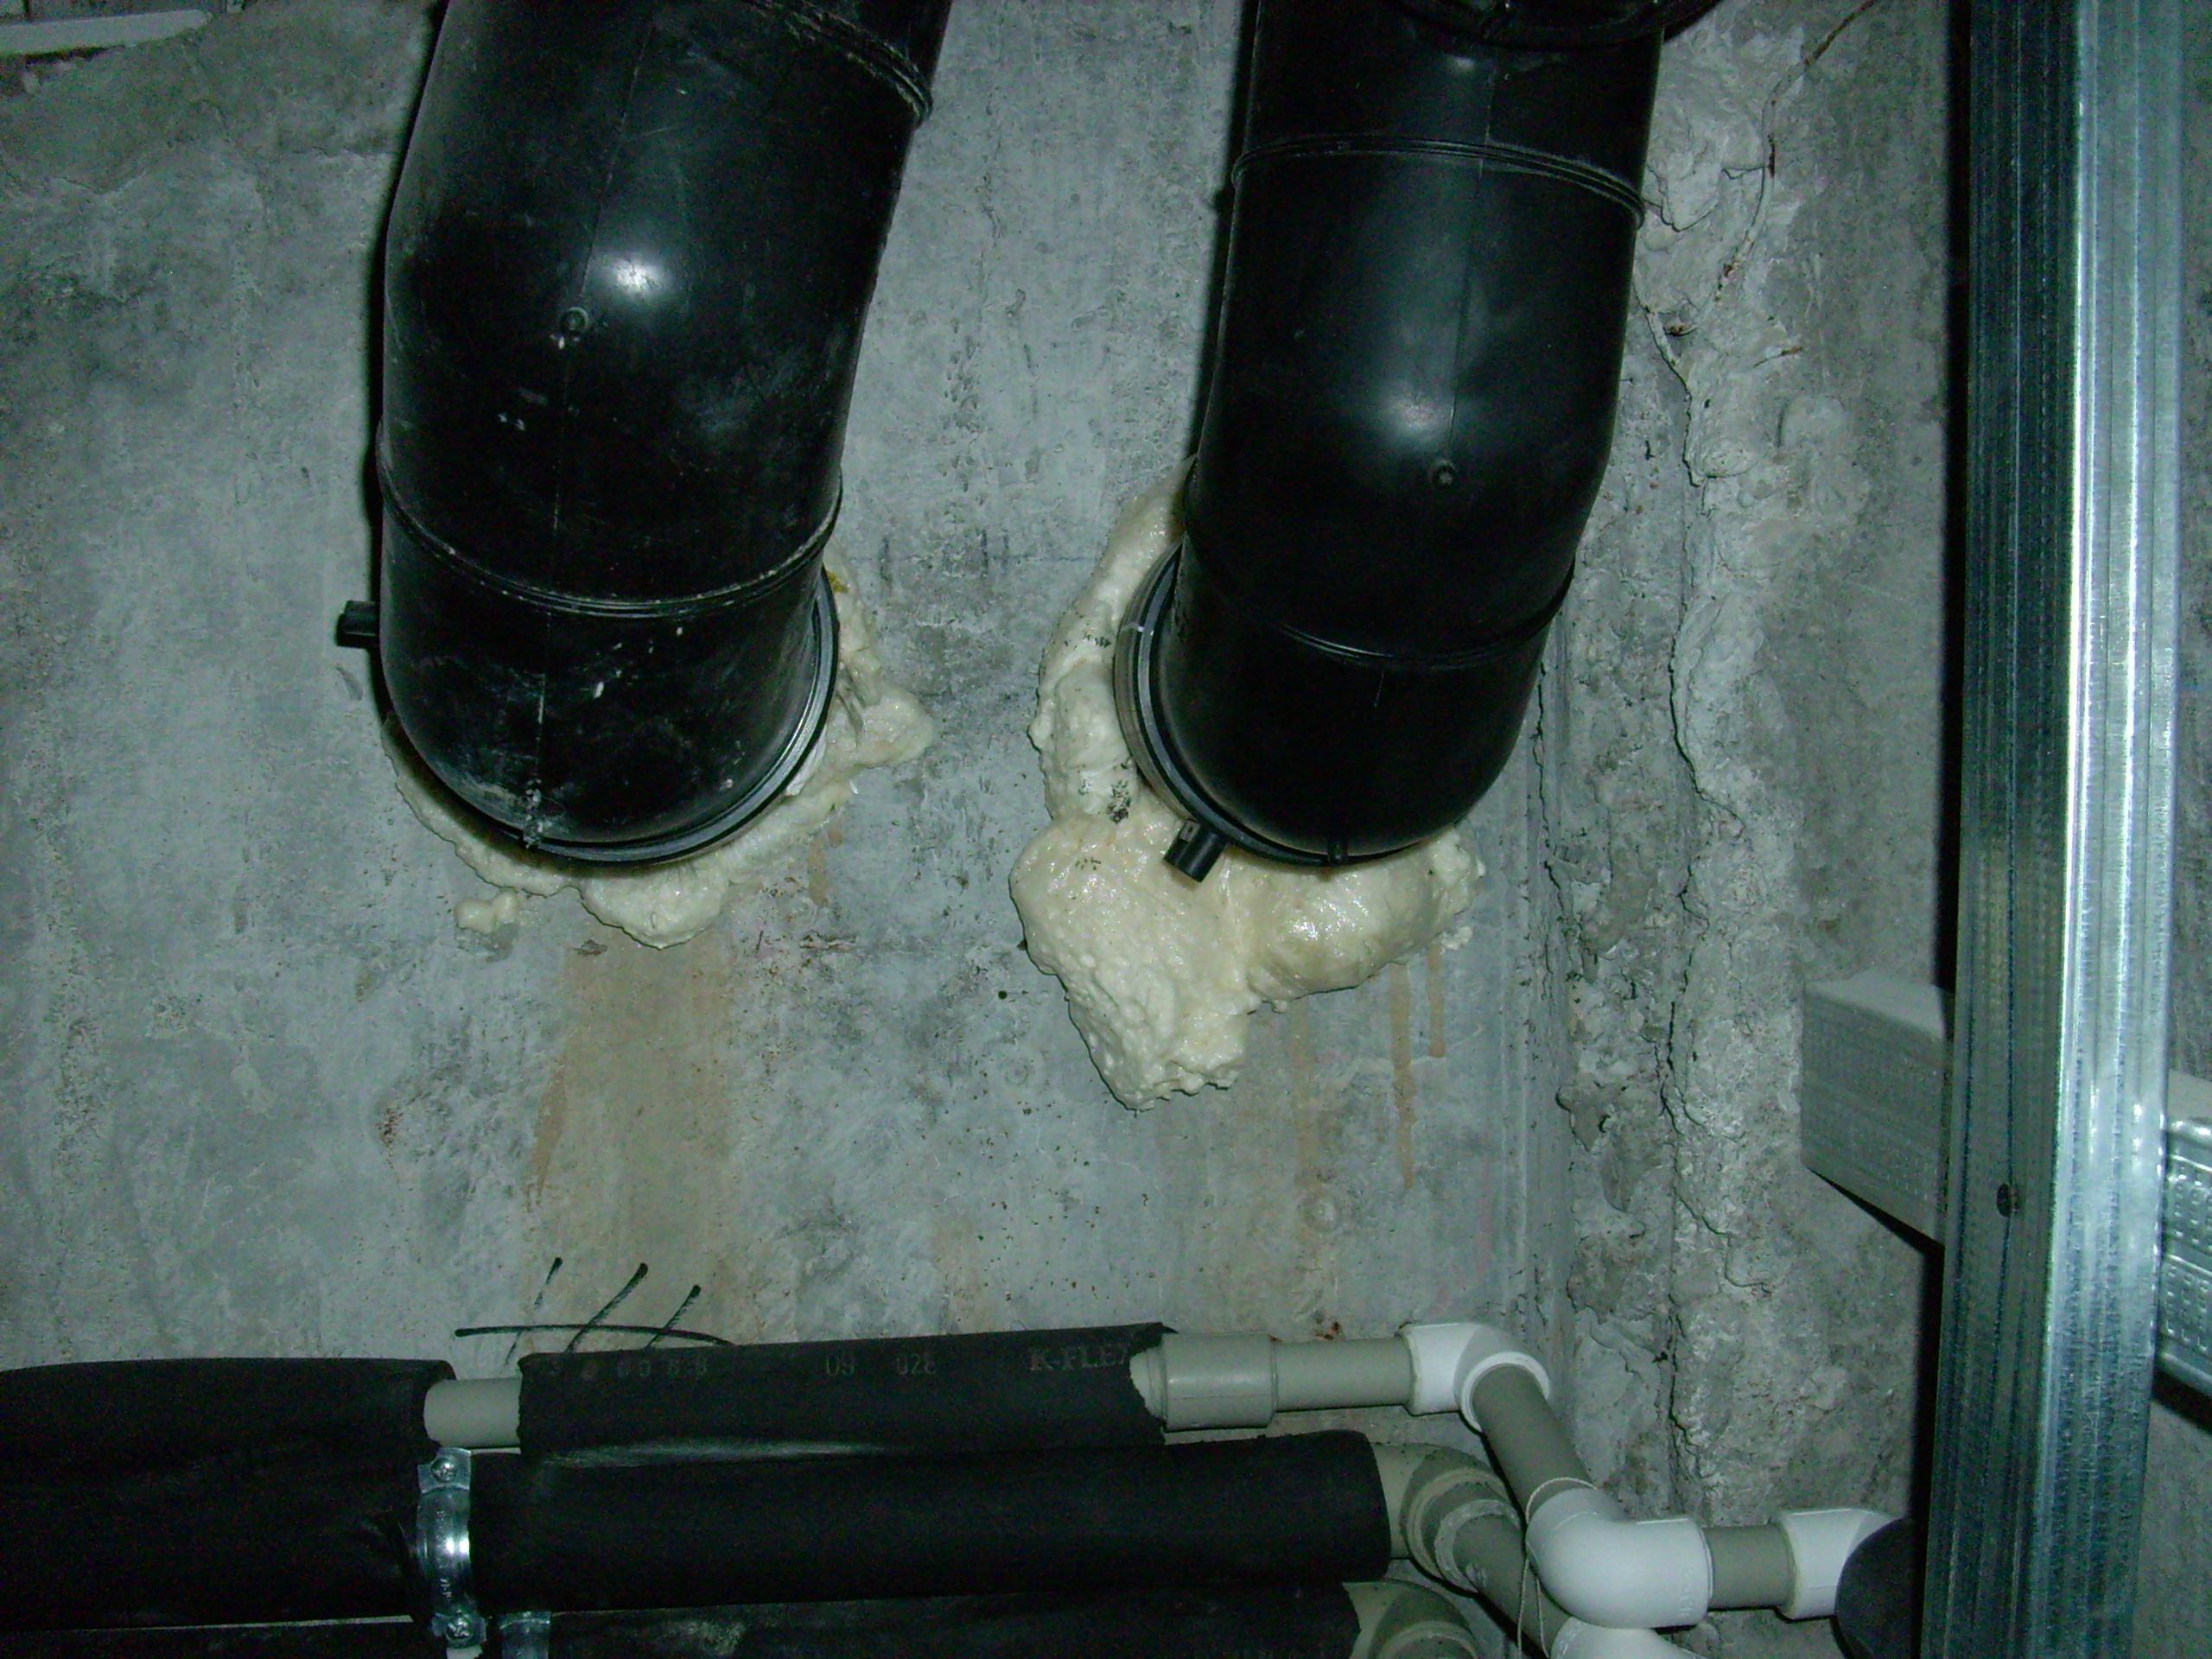 Hidroizolare strapungeri instalatii sanitare - RIN Grand Hotel UNICO PROFIT - Poza 6